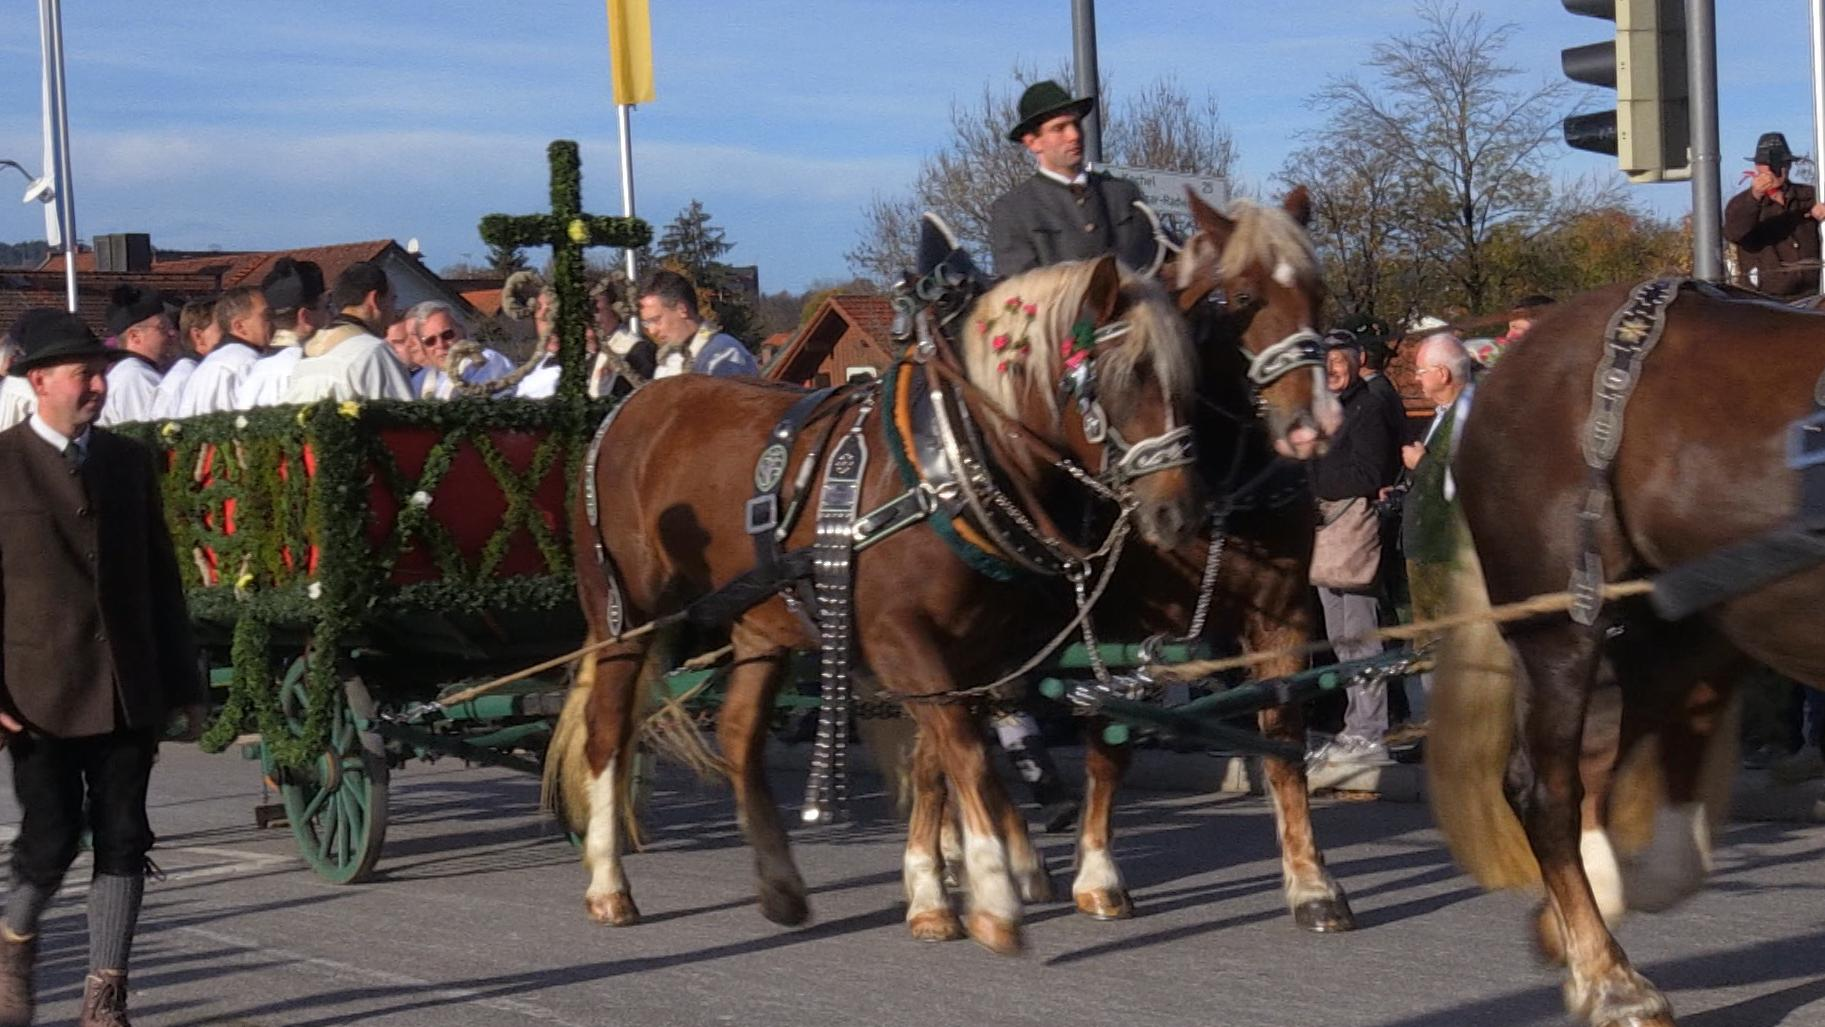 Ein Vierergespann zieht bei der Leonhardifahrt in Bad Tölz einen Wagen mit Ministranten.